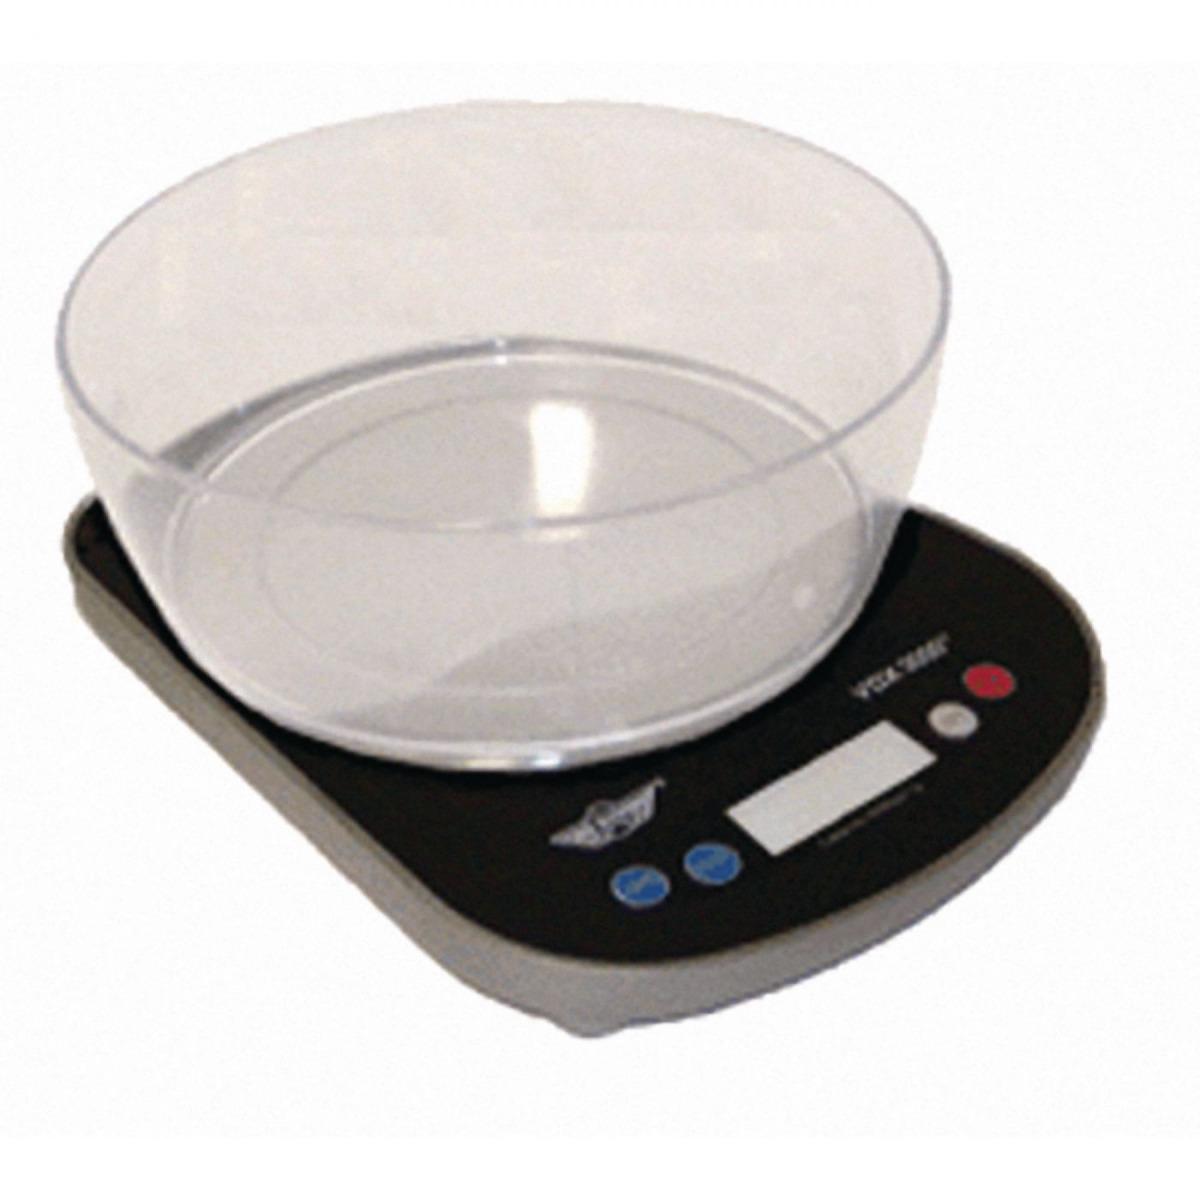 Vox Talking Kitchen Scale